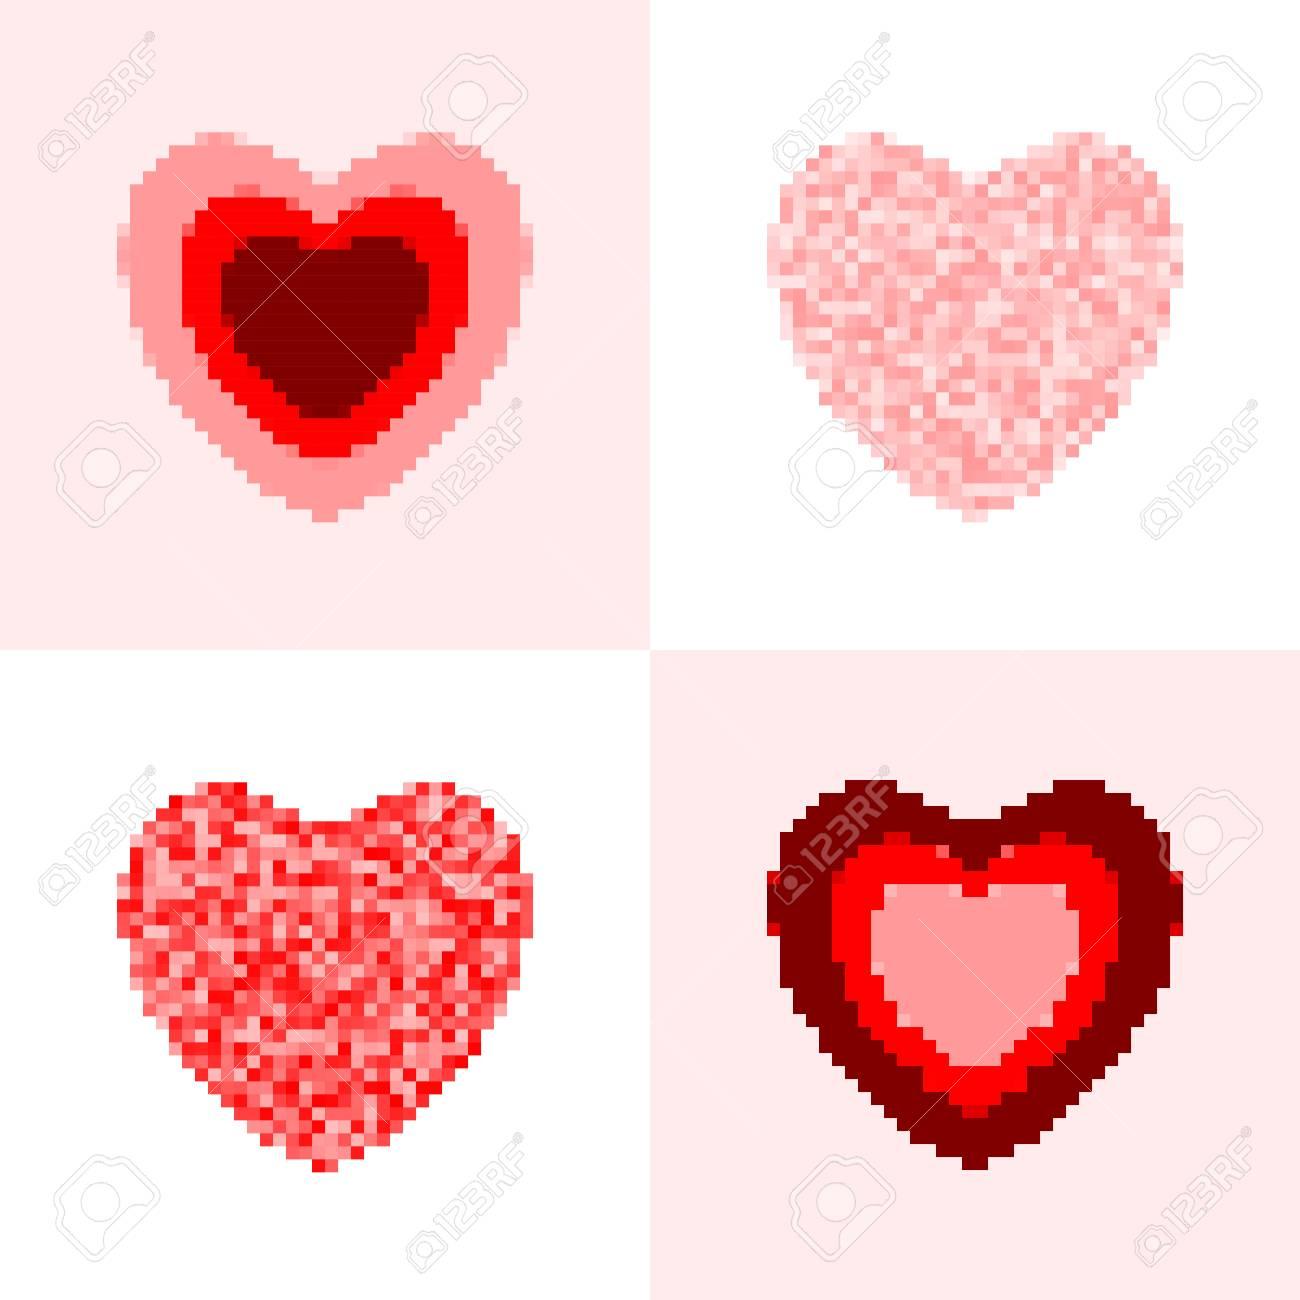 Ensemble De Coeur Pixel Rose Et Rouge Vecteur Symboles De Coeur Isoles Clip Art Libres De Droits Vecteurs Et Illustration Image 98073942